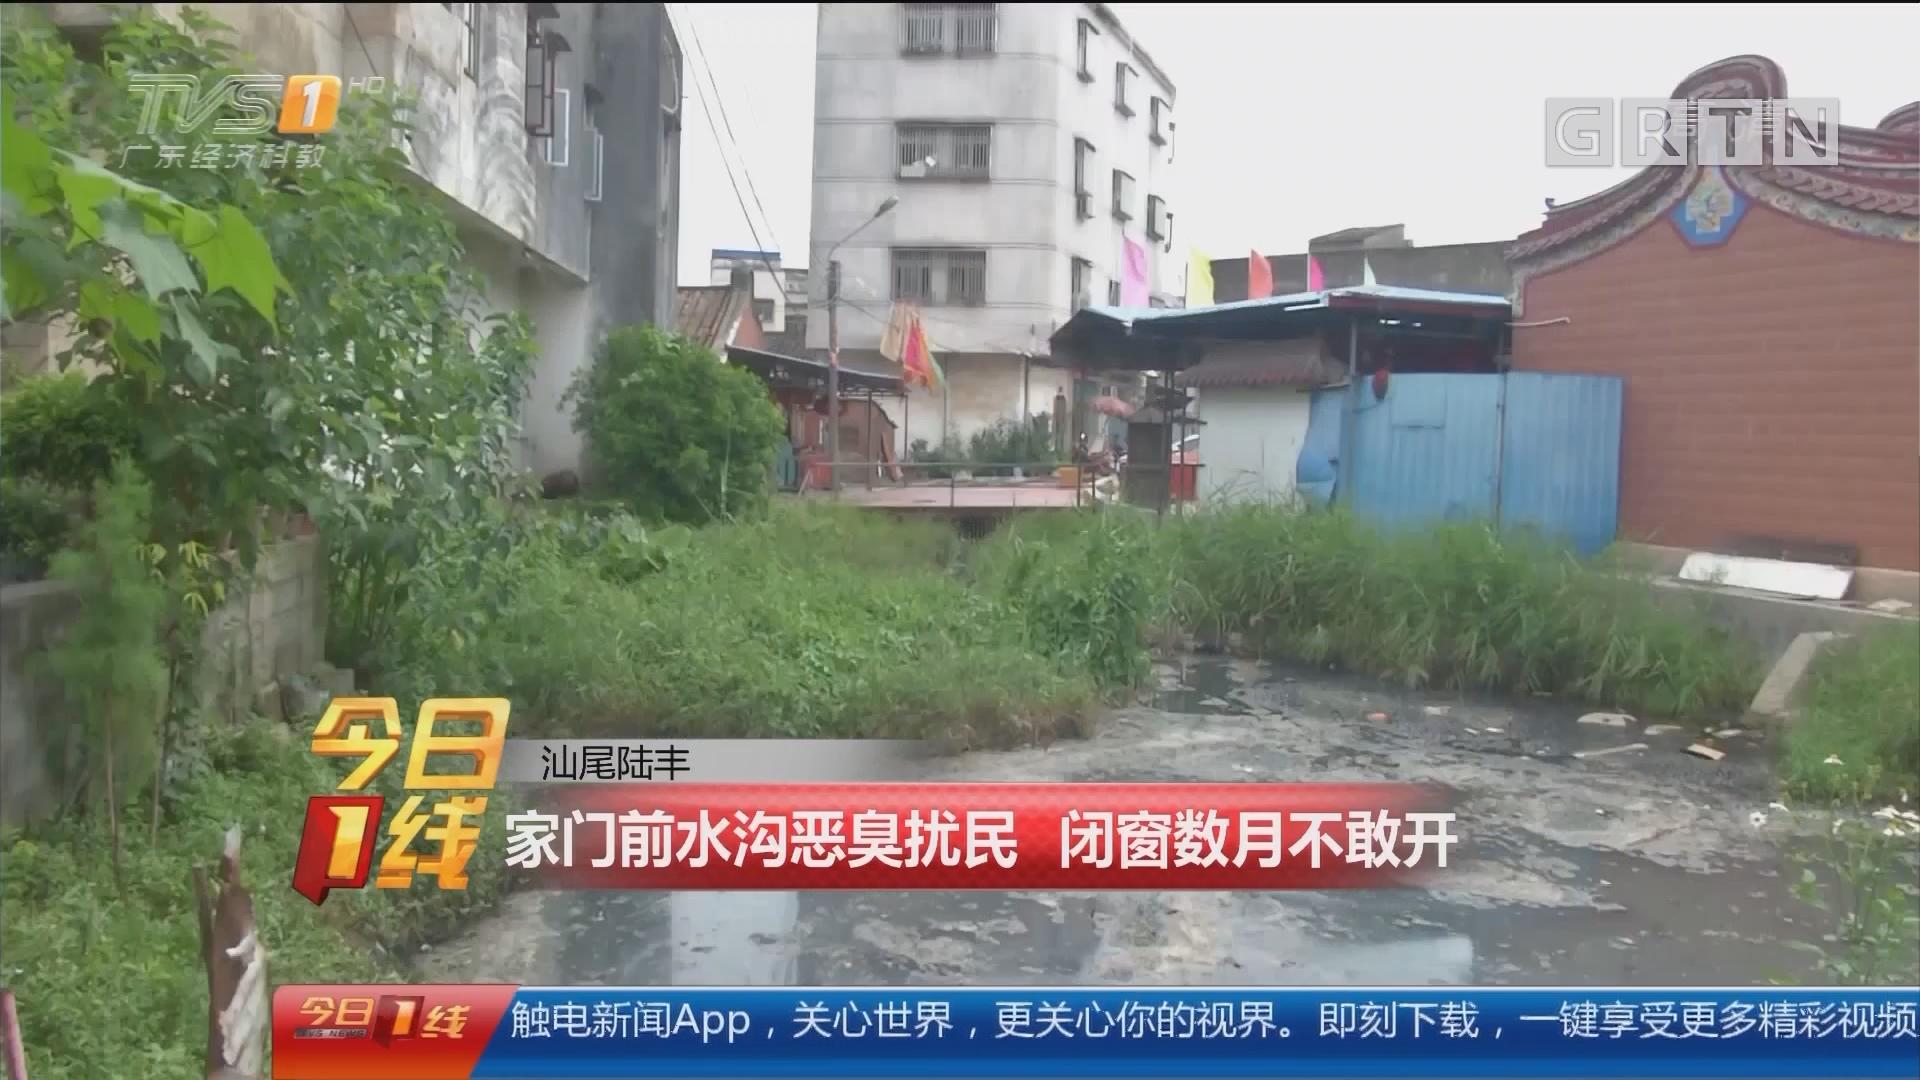 汕尾陆丰:家门前水沟恶臭扰民 闭窗数月不敢开